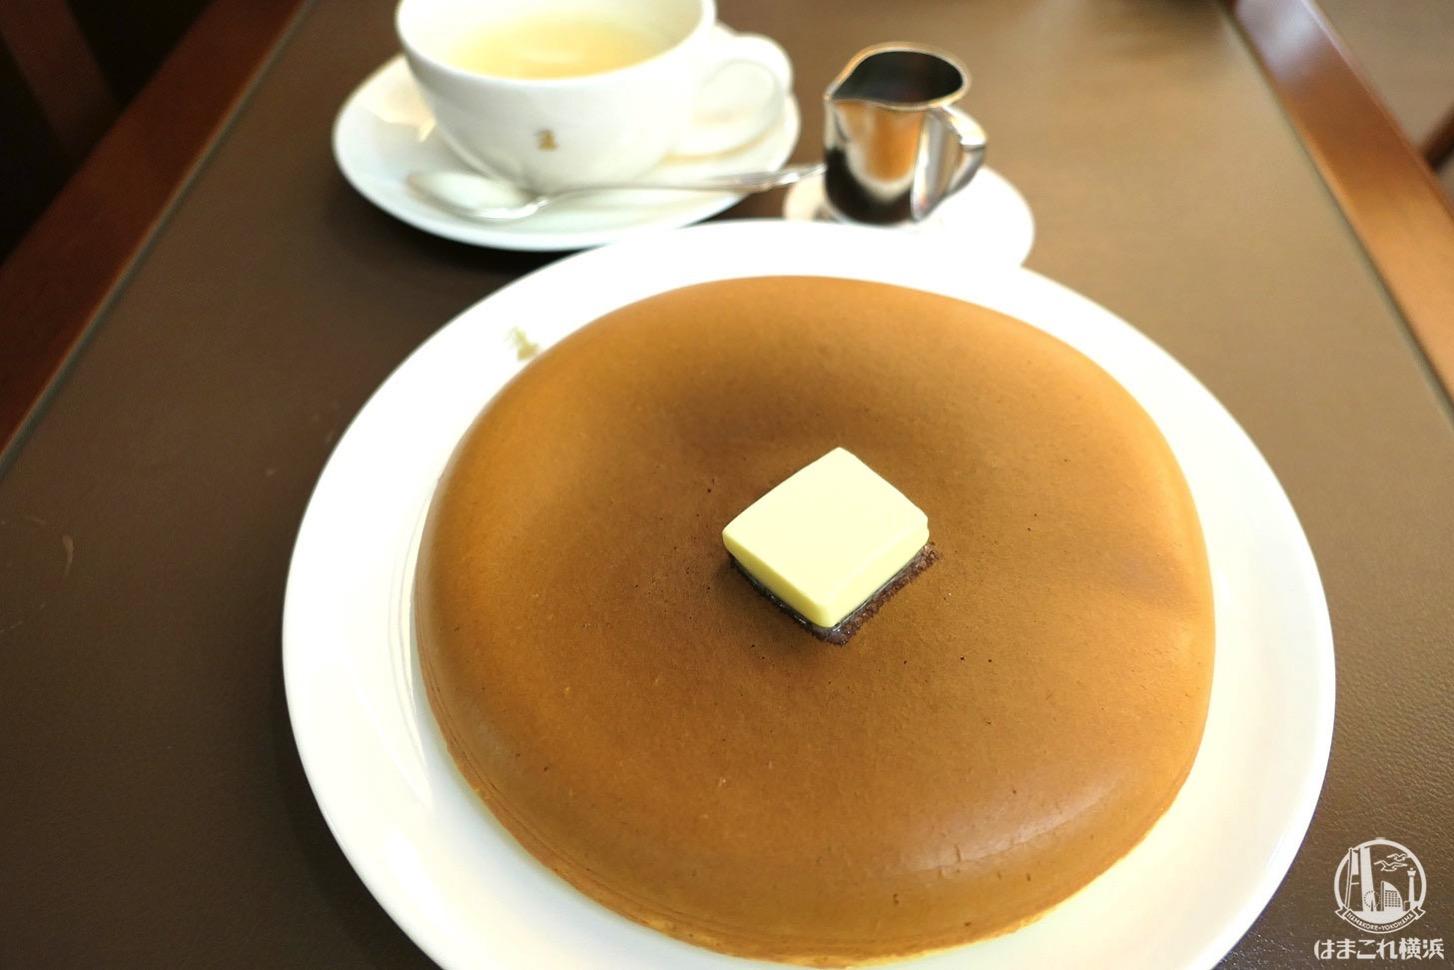 横浜高島屋「ウエスト ベイカフェ ヨコハマ」のパンケーキが上品でふかふかのホットケーキタイプ!